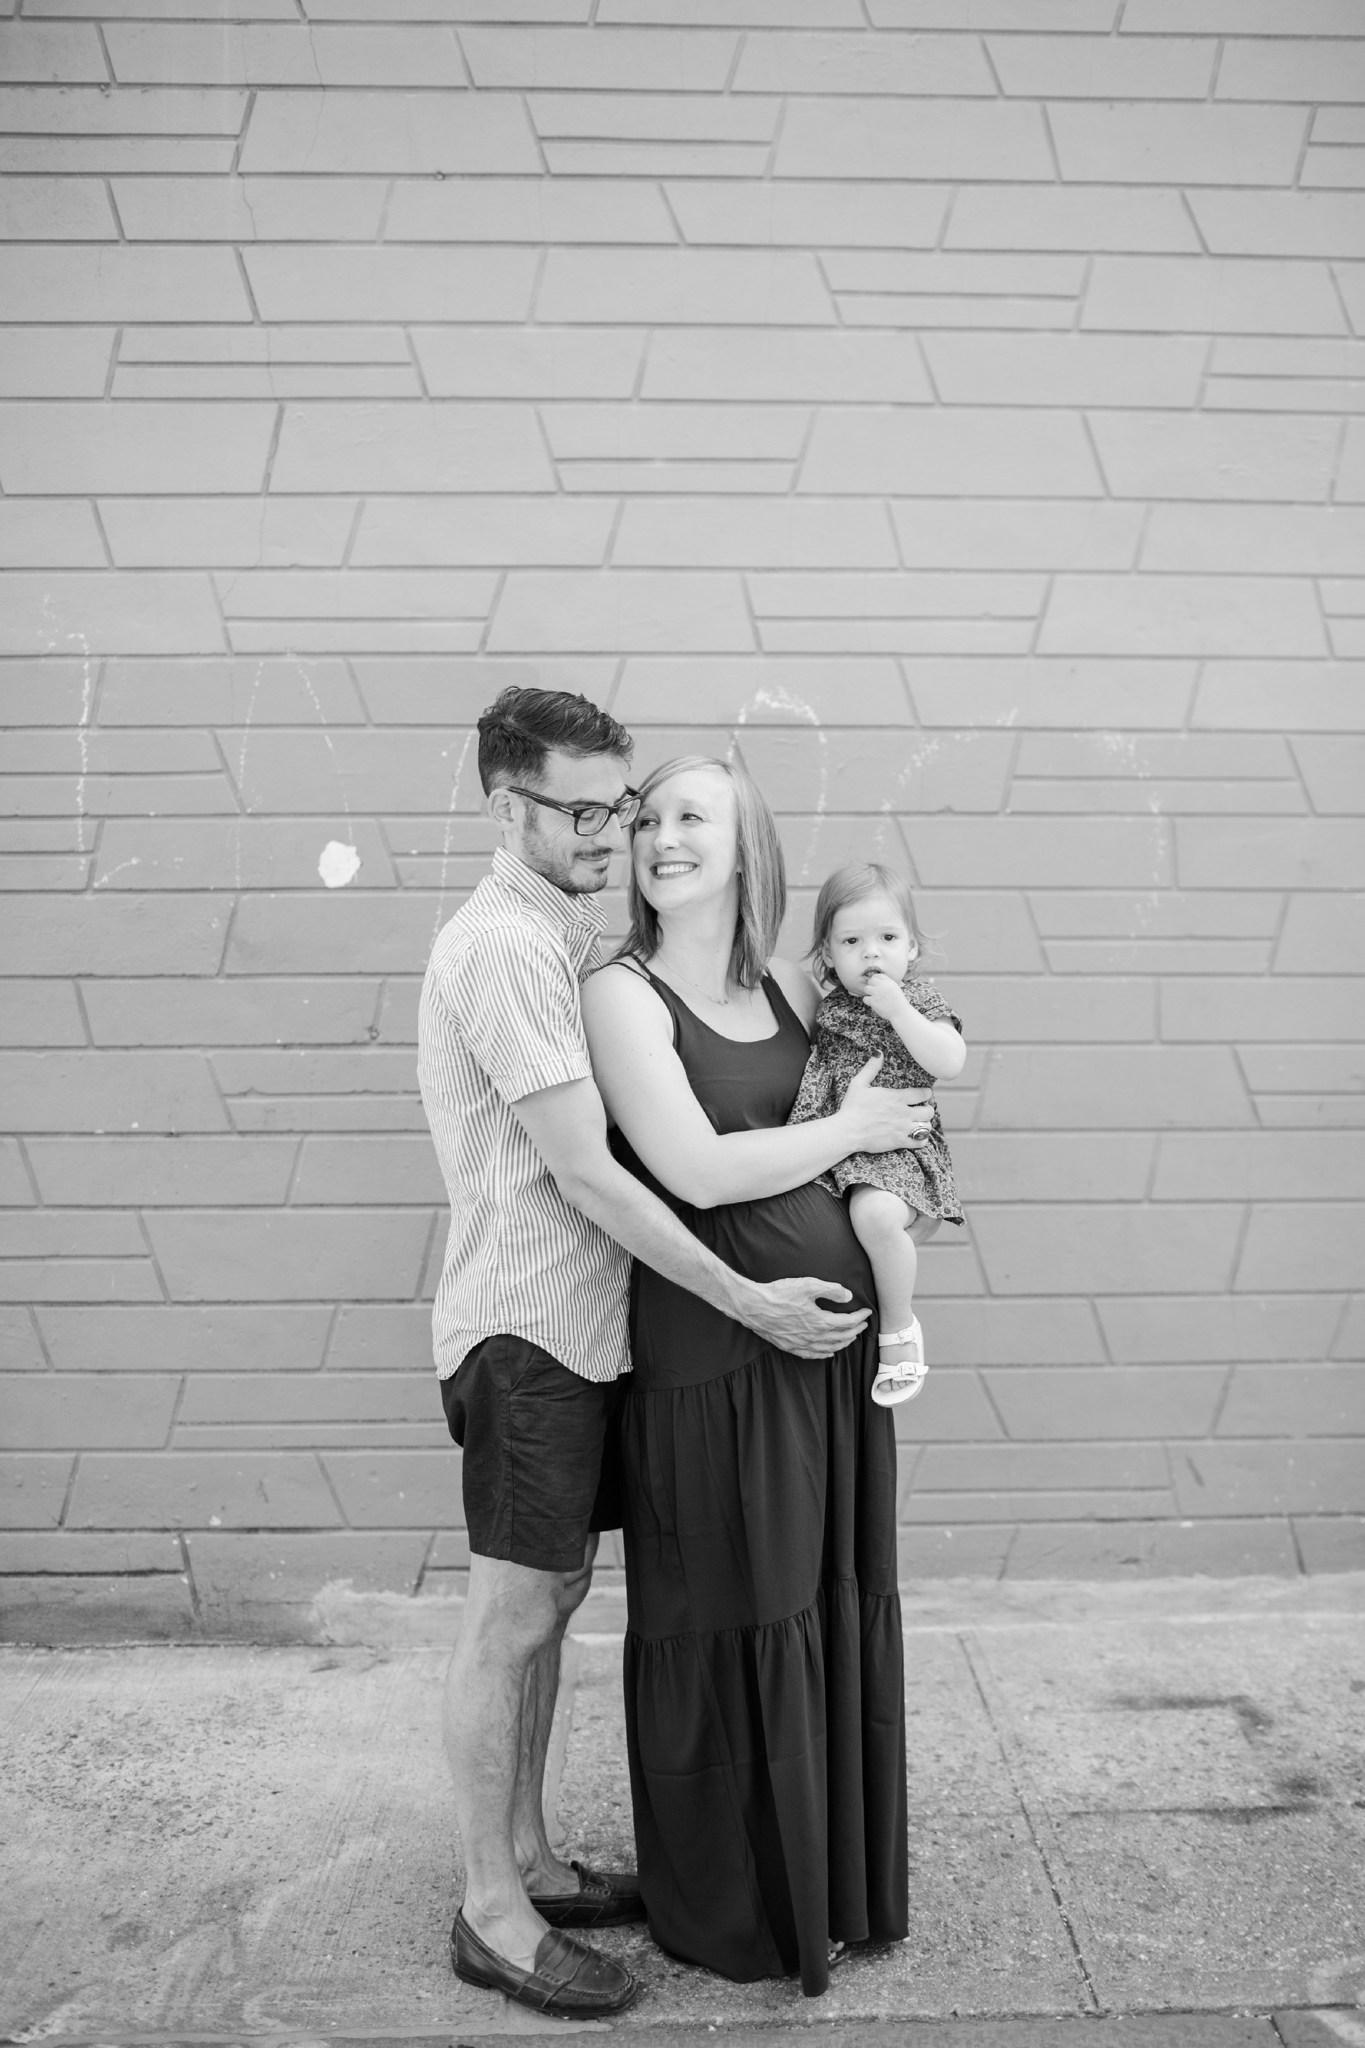 brooklyn_maternity_portraits_deborah_zoe_0009.JPG